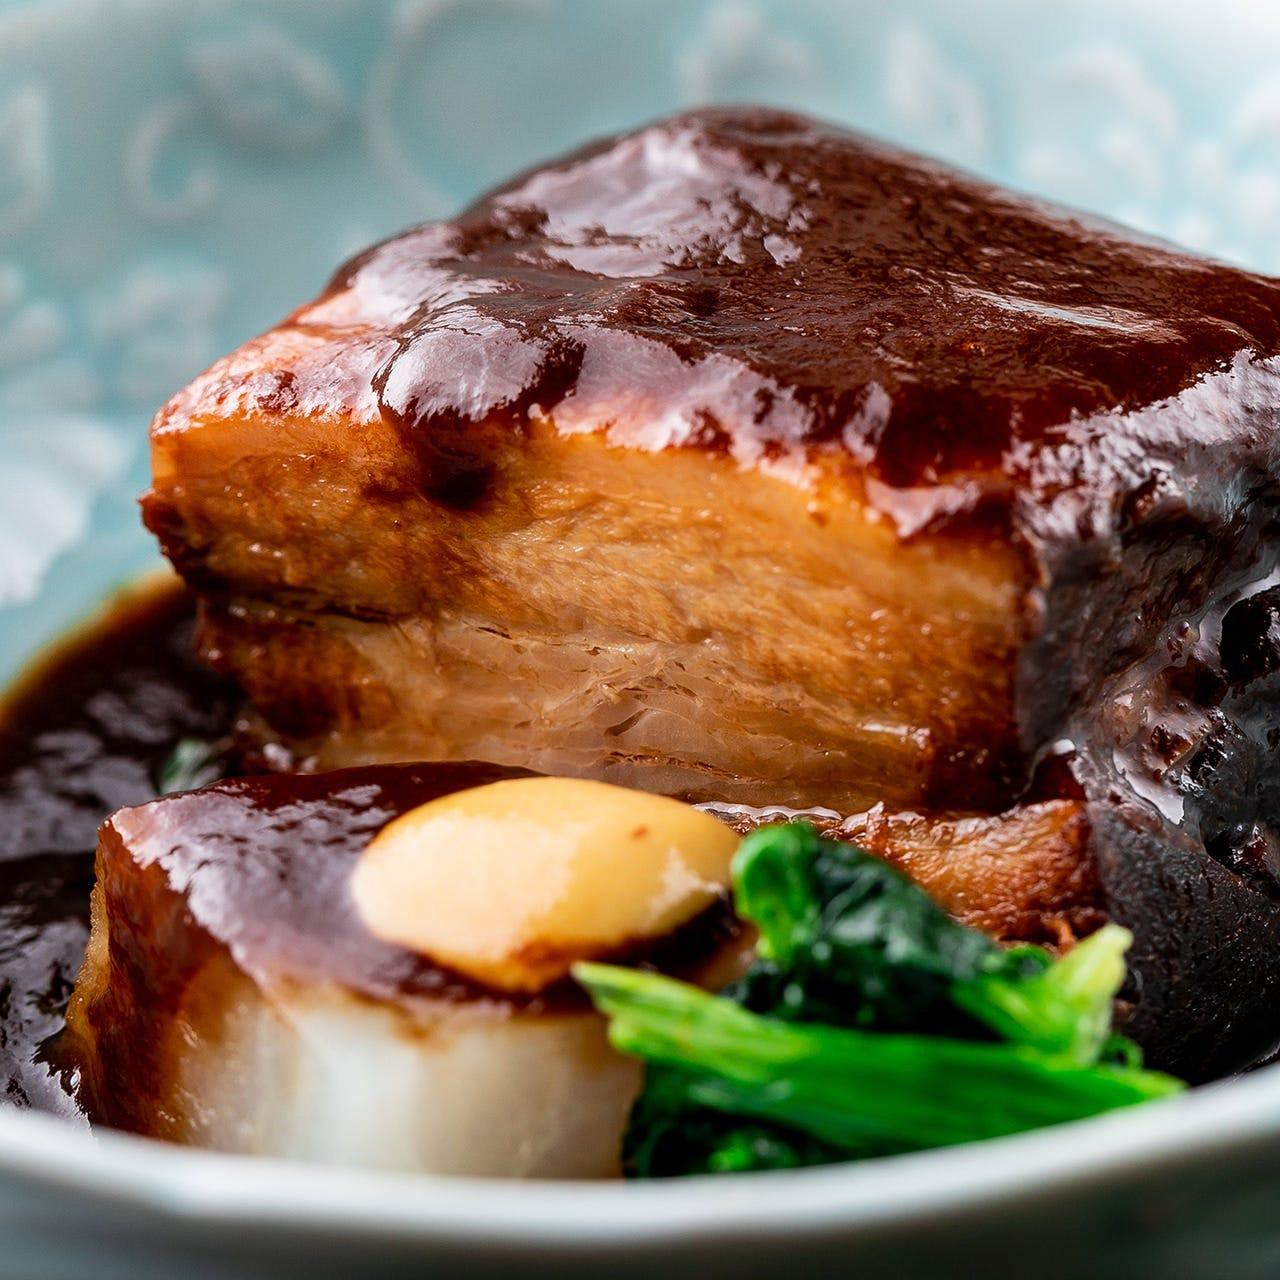 特製味噌仕立ての『豚の角煮』はトロトロになるまで煮込んだ逸品